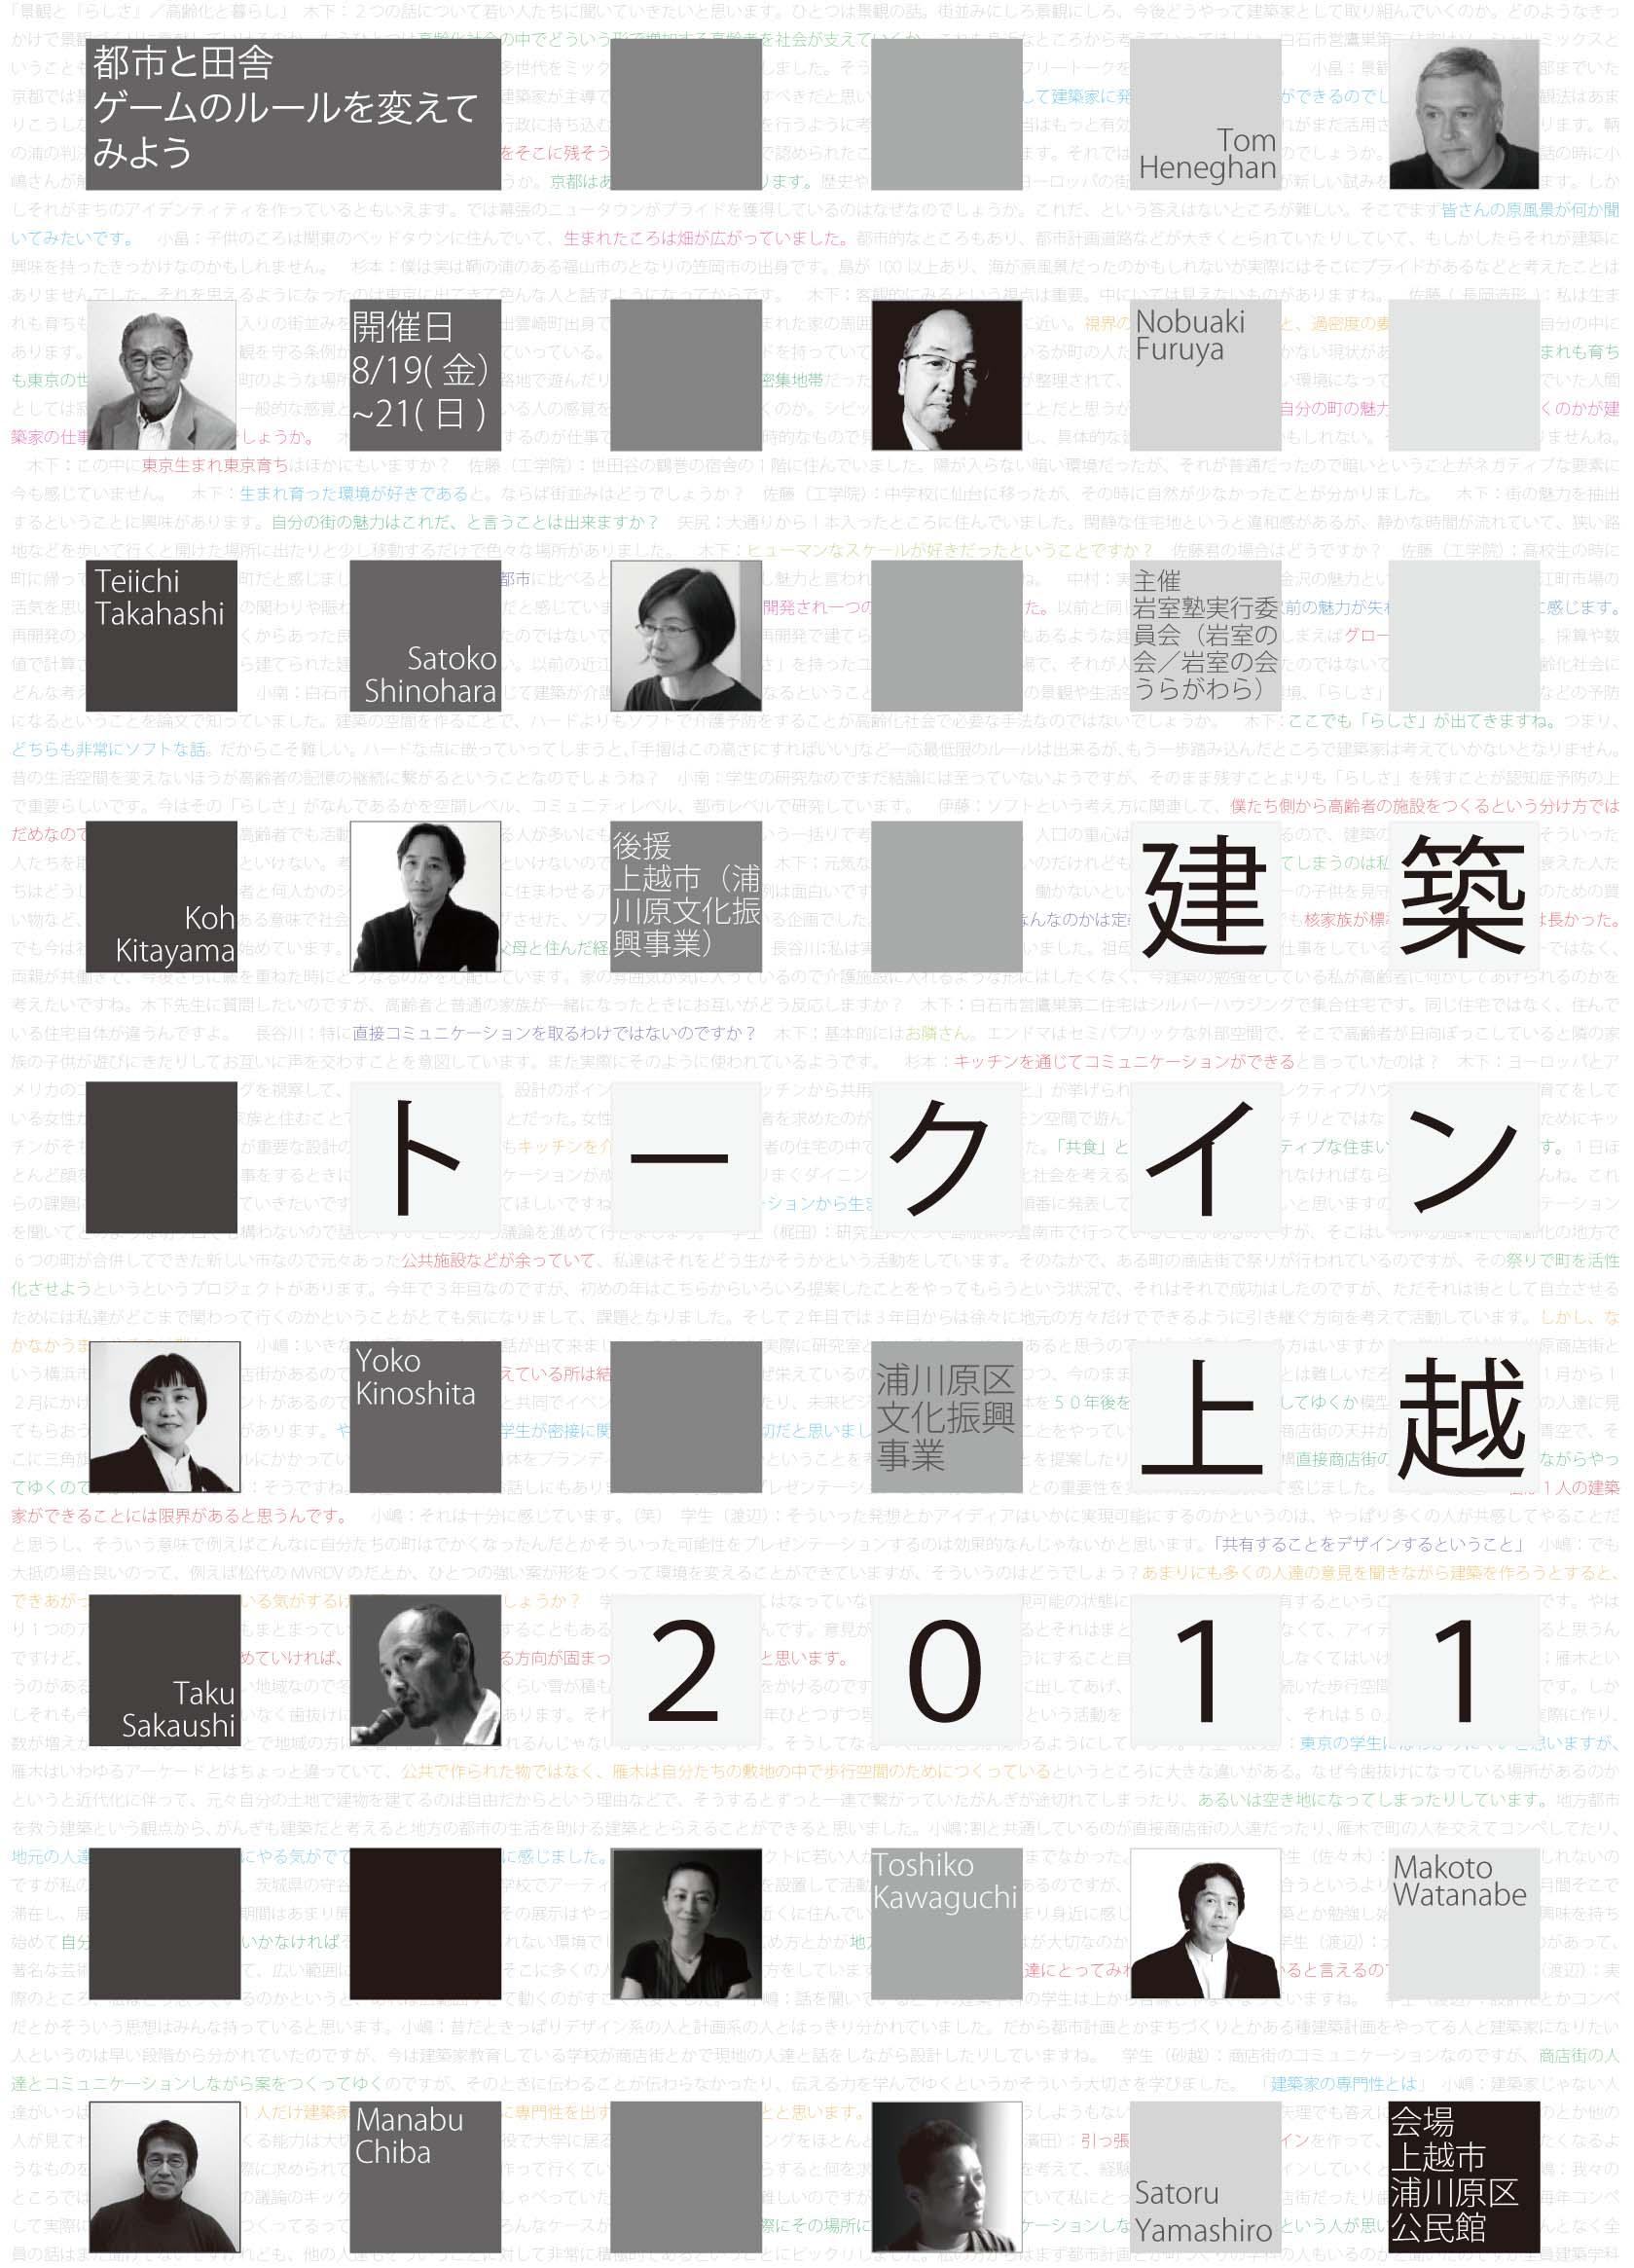 20110806-____________________-web1.jpg